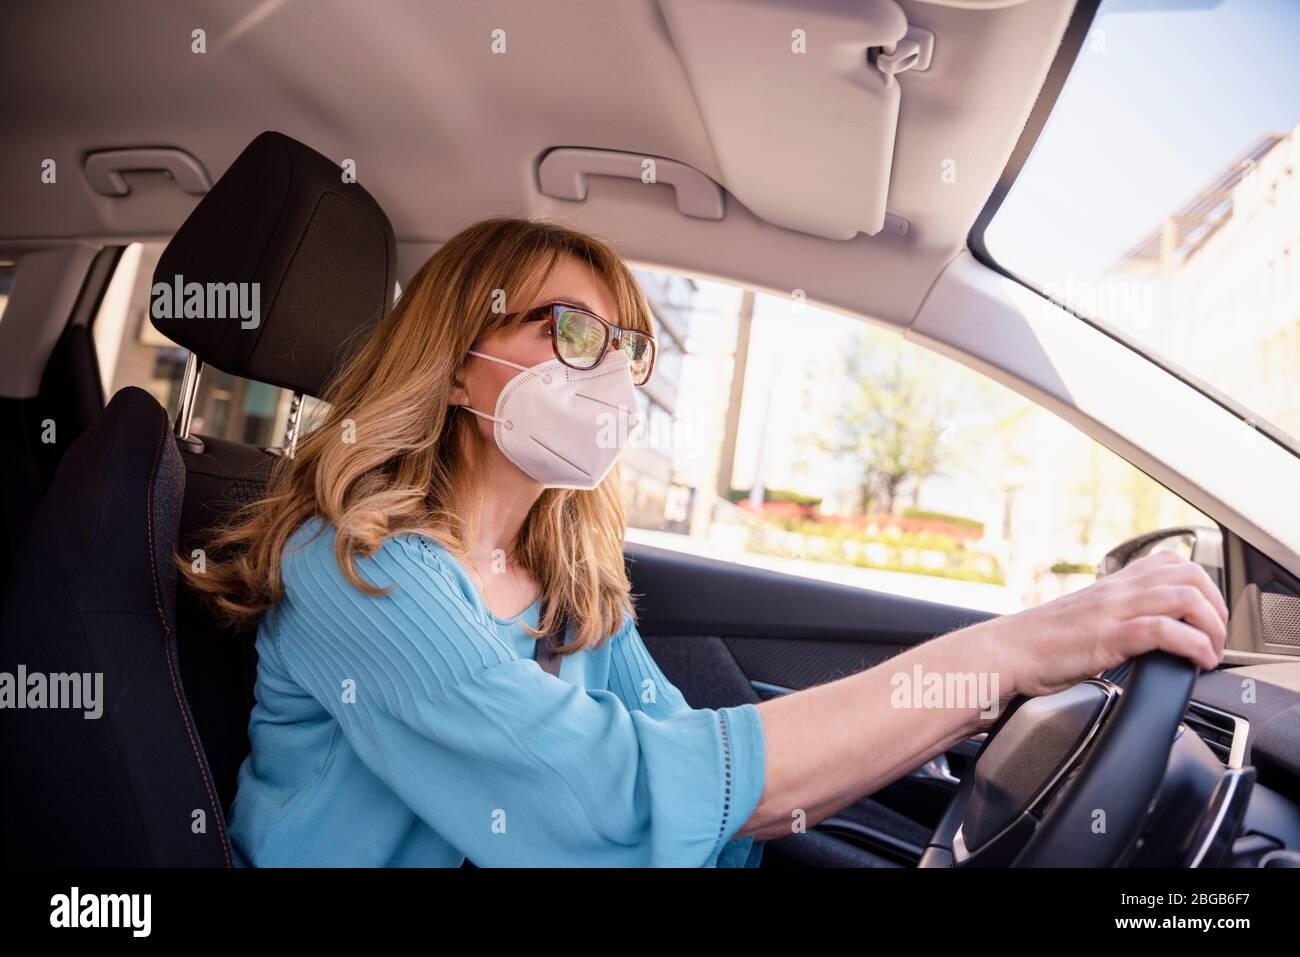 Aufnahme einer Frau mittleren Alters, die während der Coronavirus-Pandemie mit dem Auto eine Gesichtsmaske trägt. Stockfoto